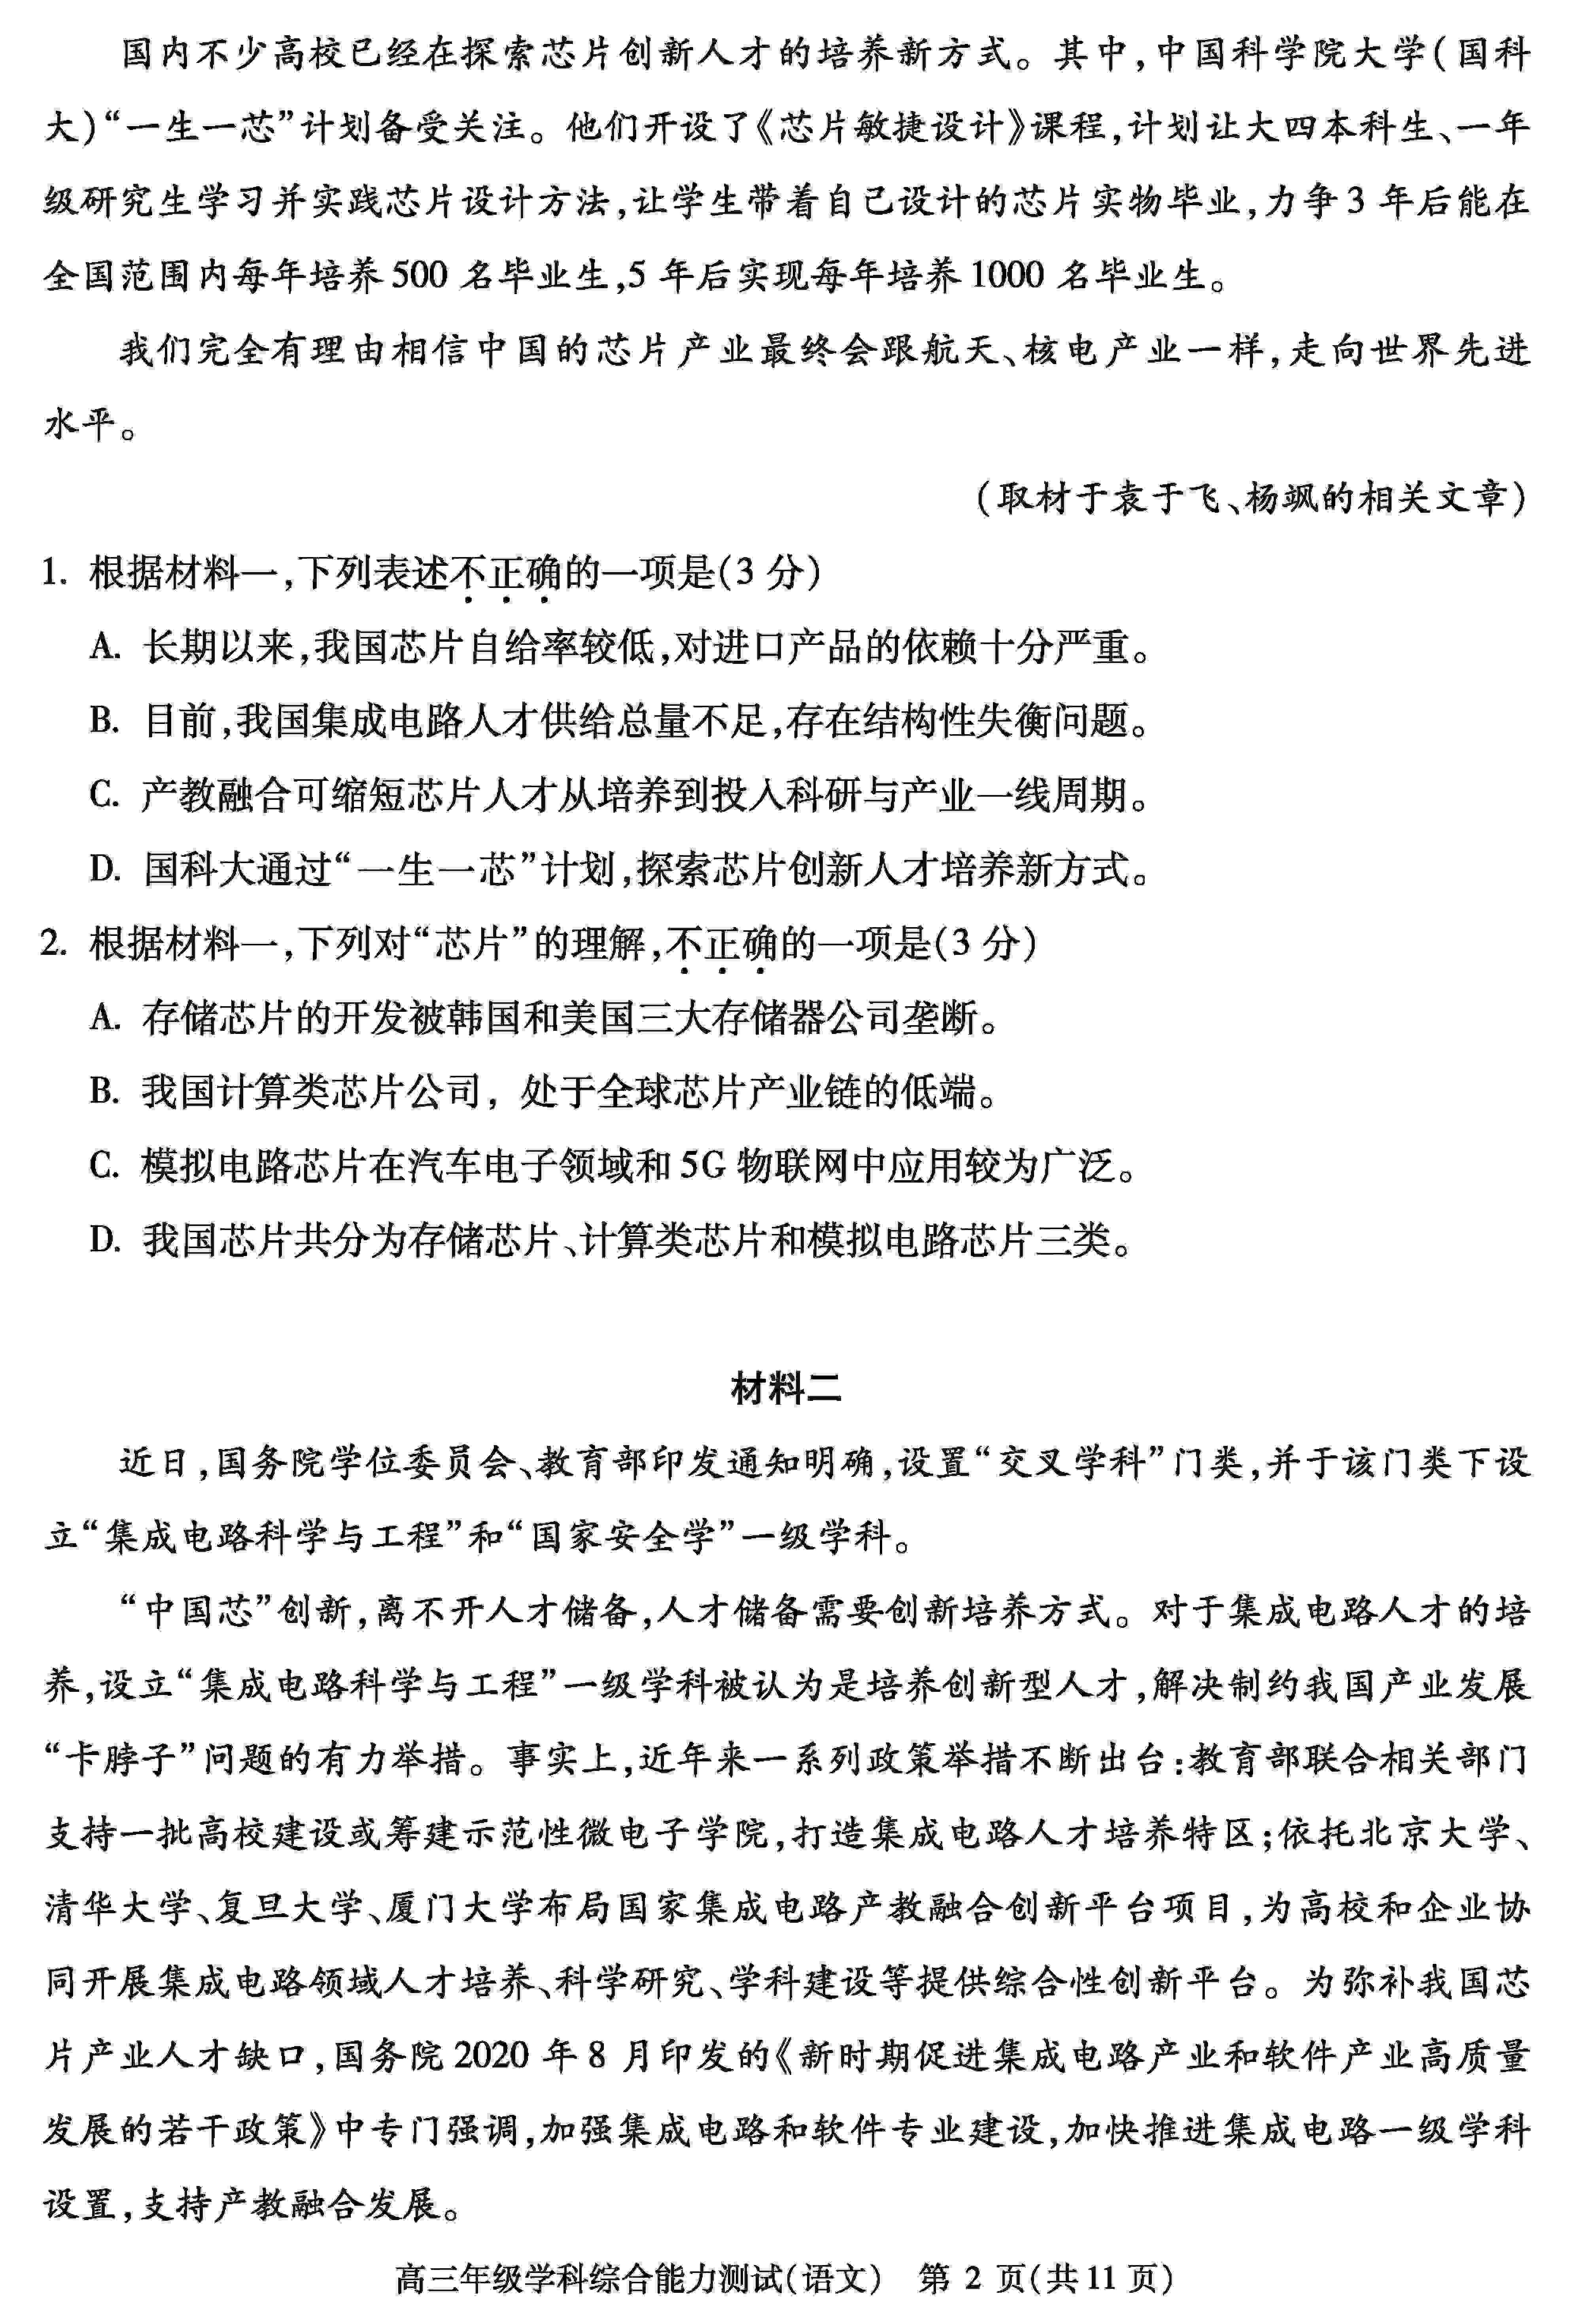 2021年北京高三开学考语文试题及答案图1